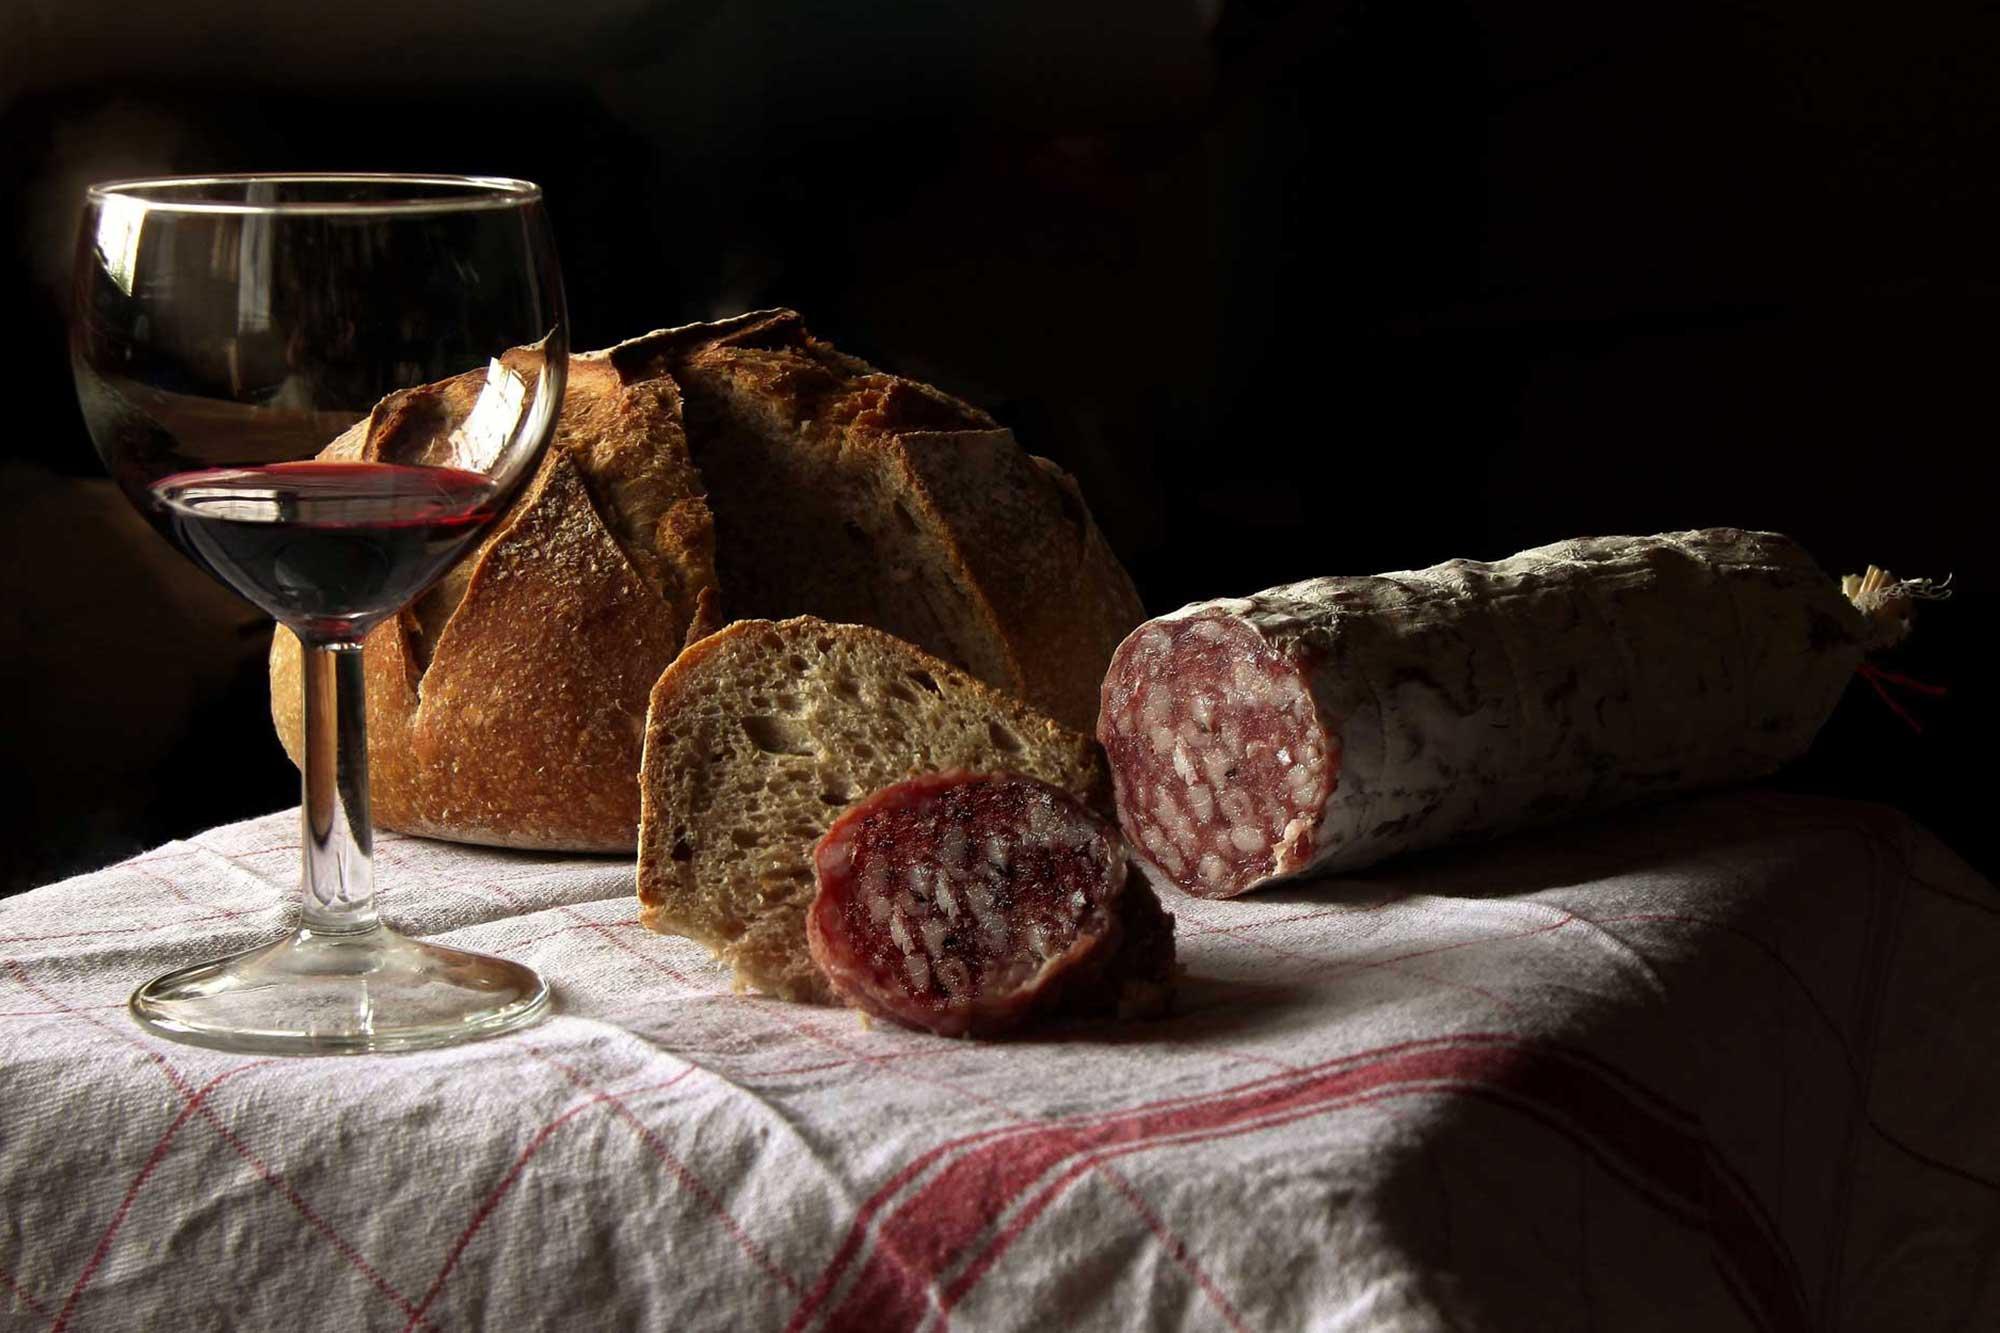 Salami, Brot und Wein auf einem Tisch